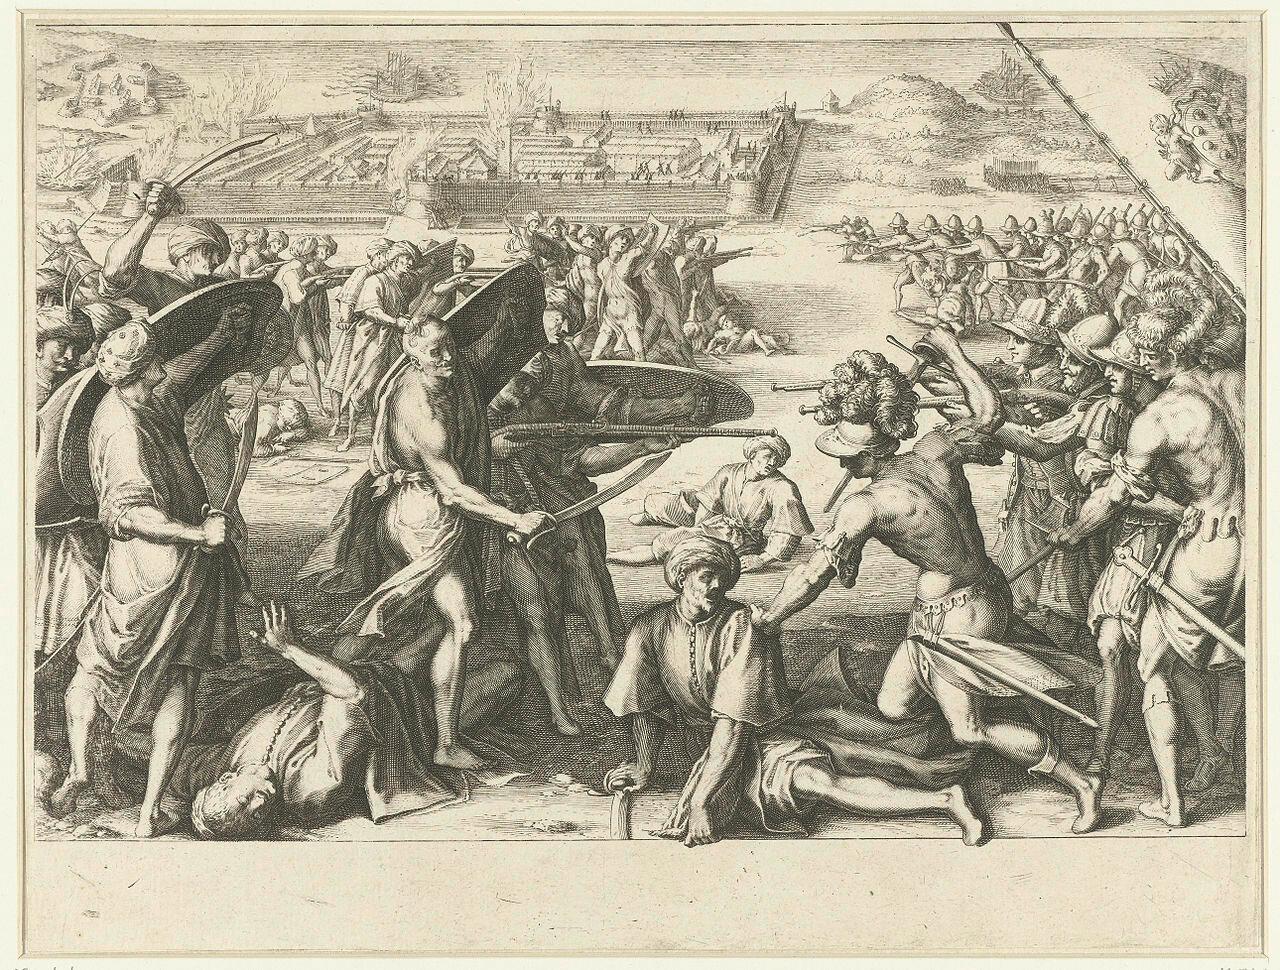 1280px-Aanval_van_de_troepen_van_Ferdinando_I_de'_Medici_op_de_forten_bij_de_Noord-Afrikaanse_stad_Bone_(Annaba)_() жак калло 1614-20.jpg